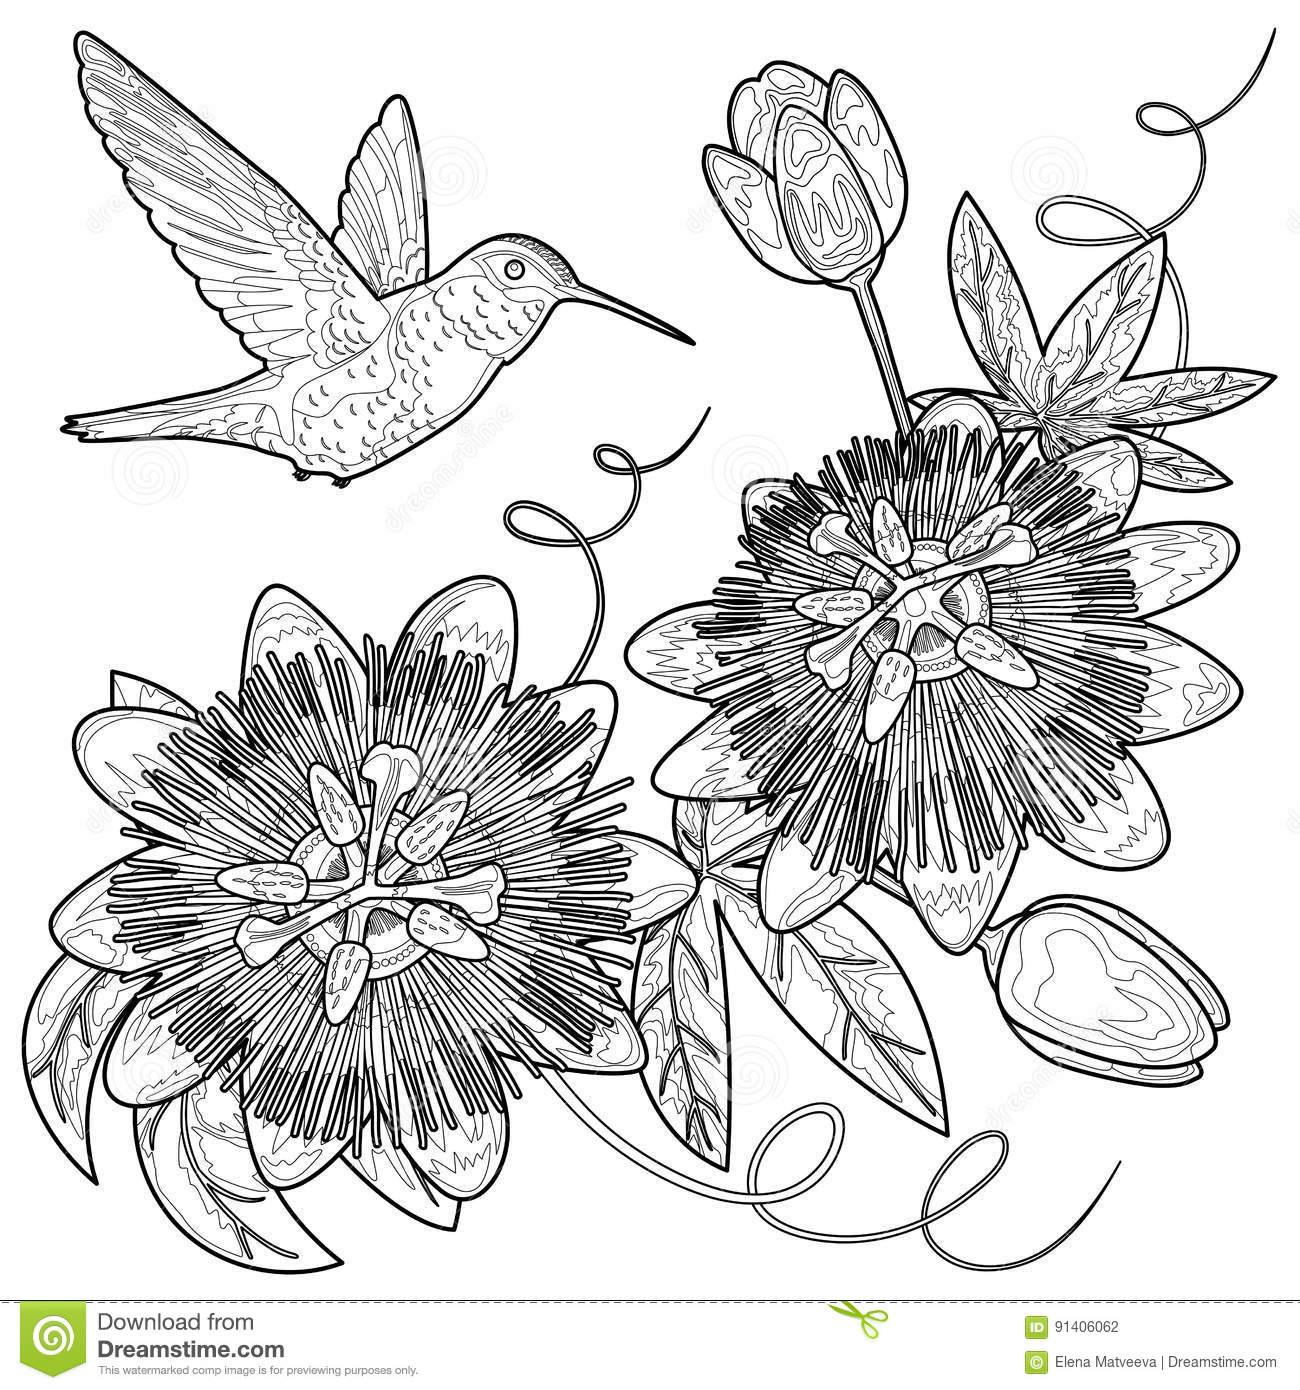 Passiflora coloring #19, Download drawings